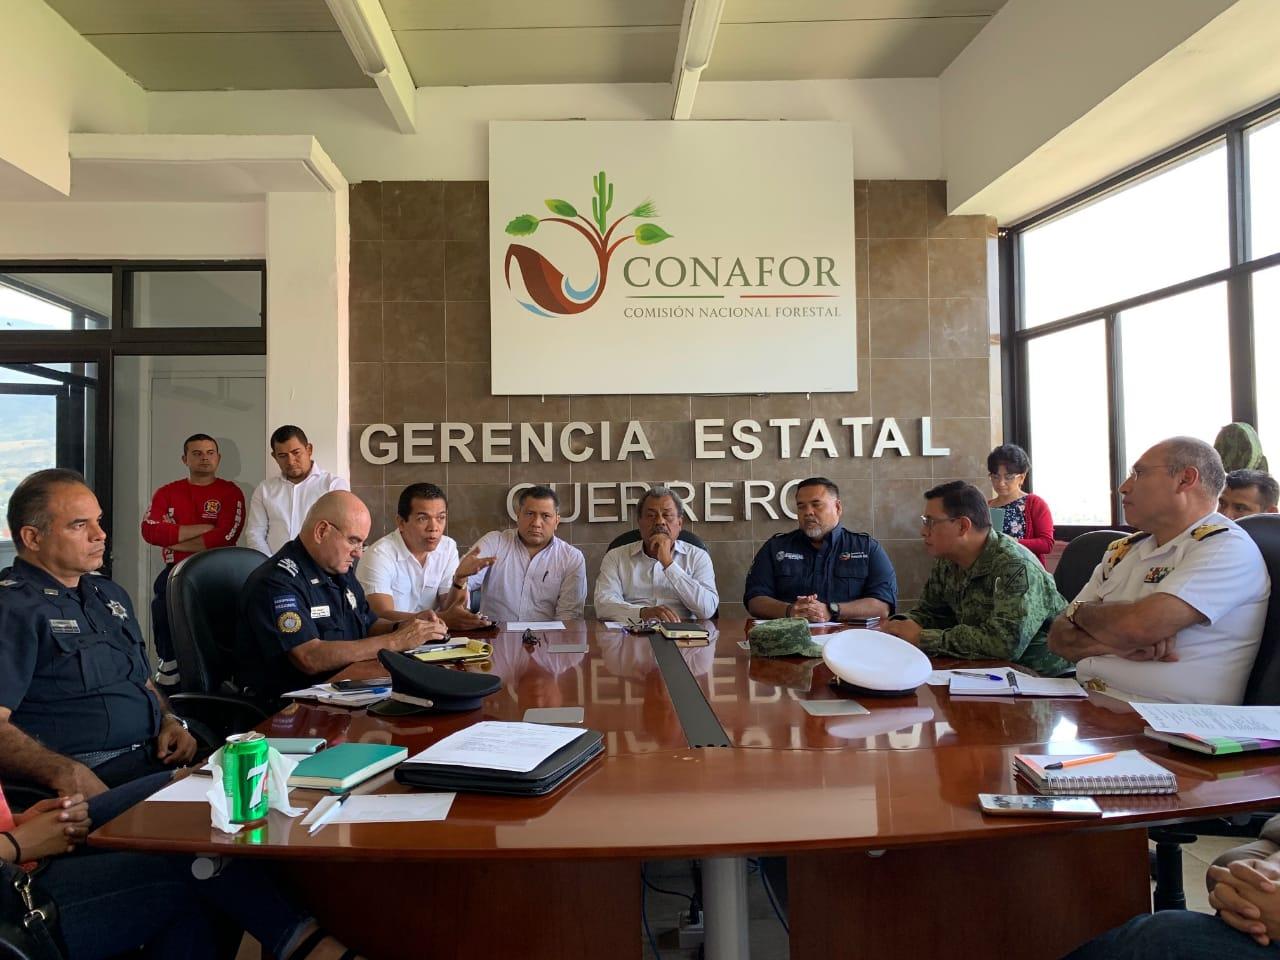 Declaran sesión permanente del consejo estatal contra incendios forestales en Guerrero